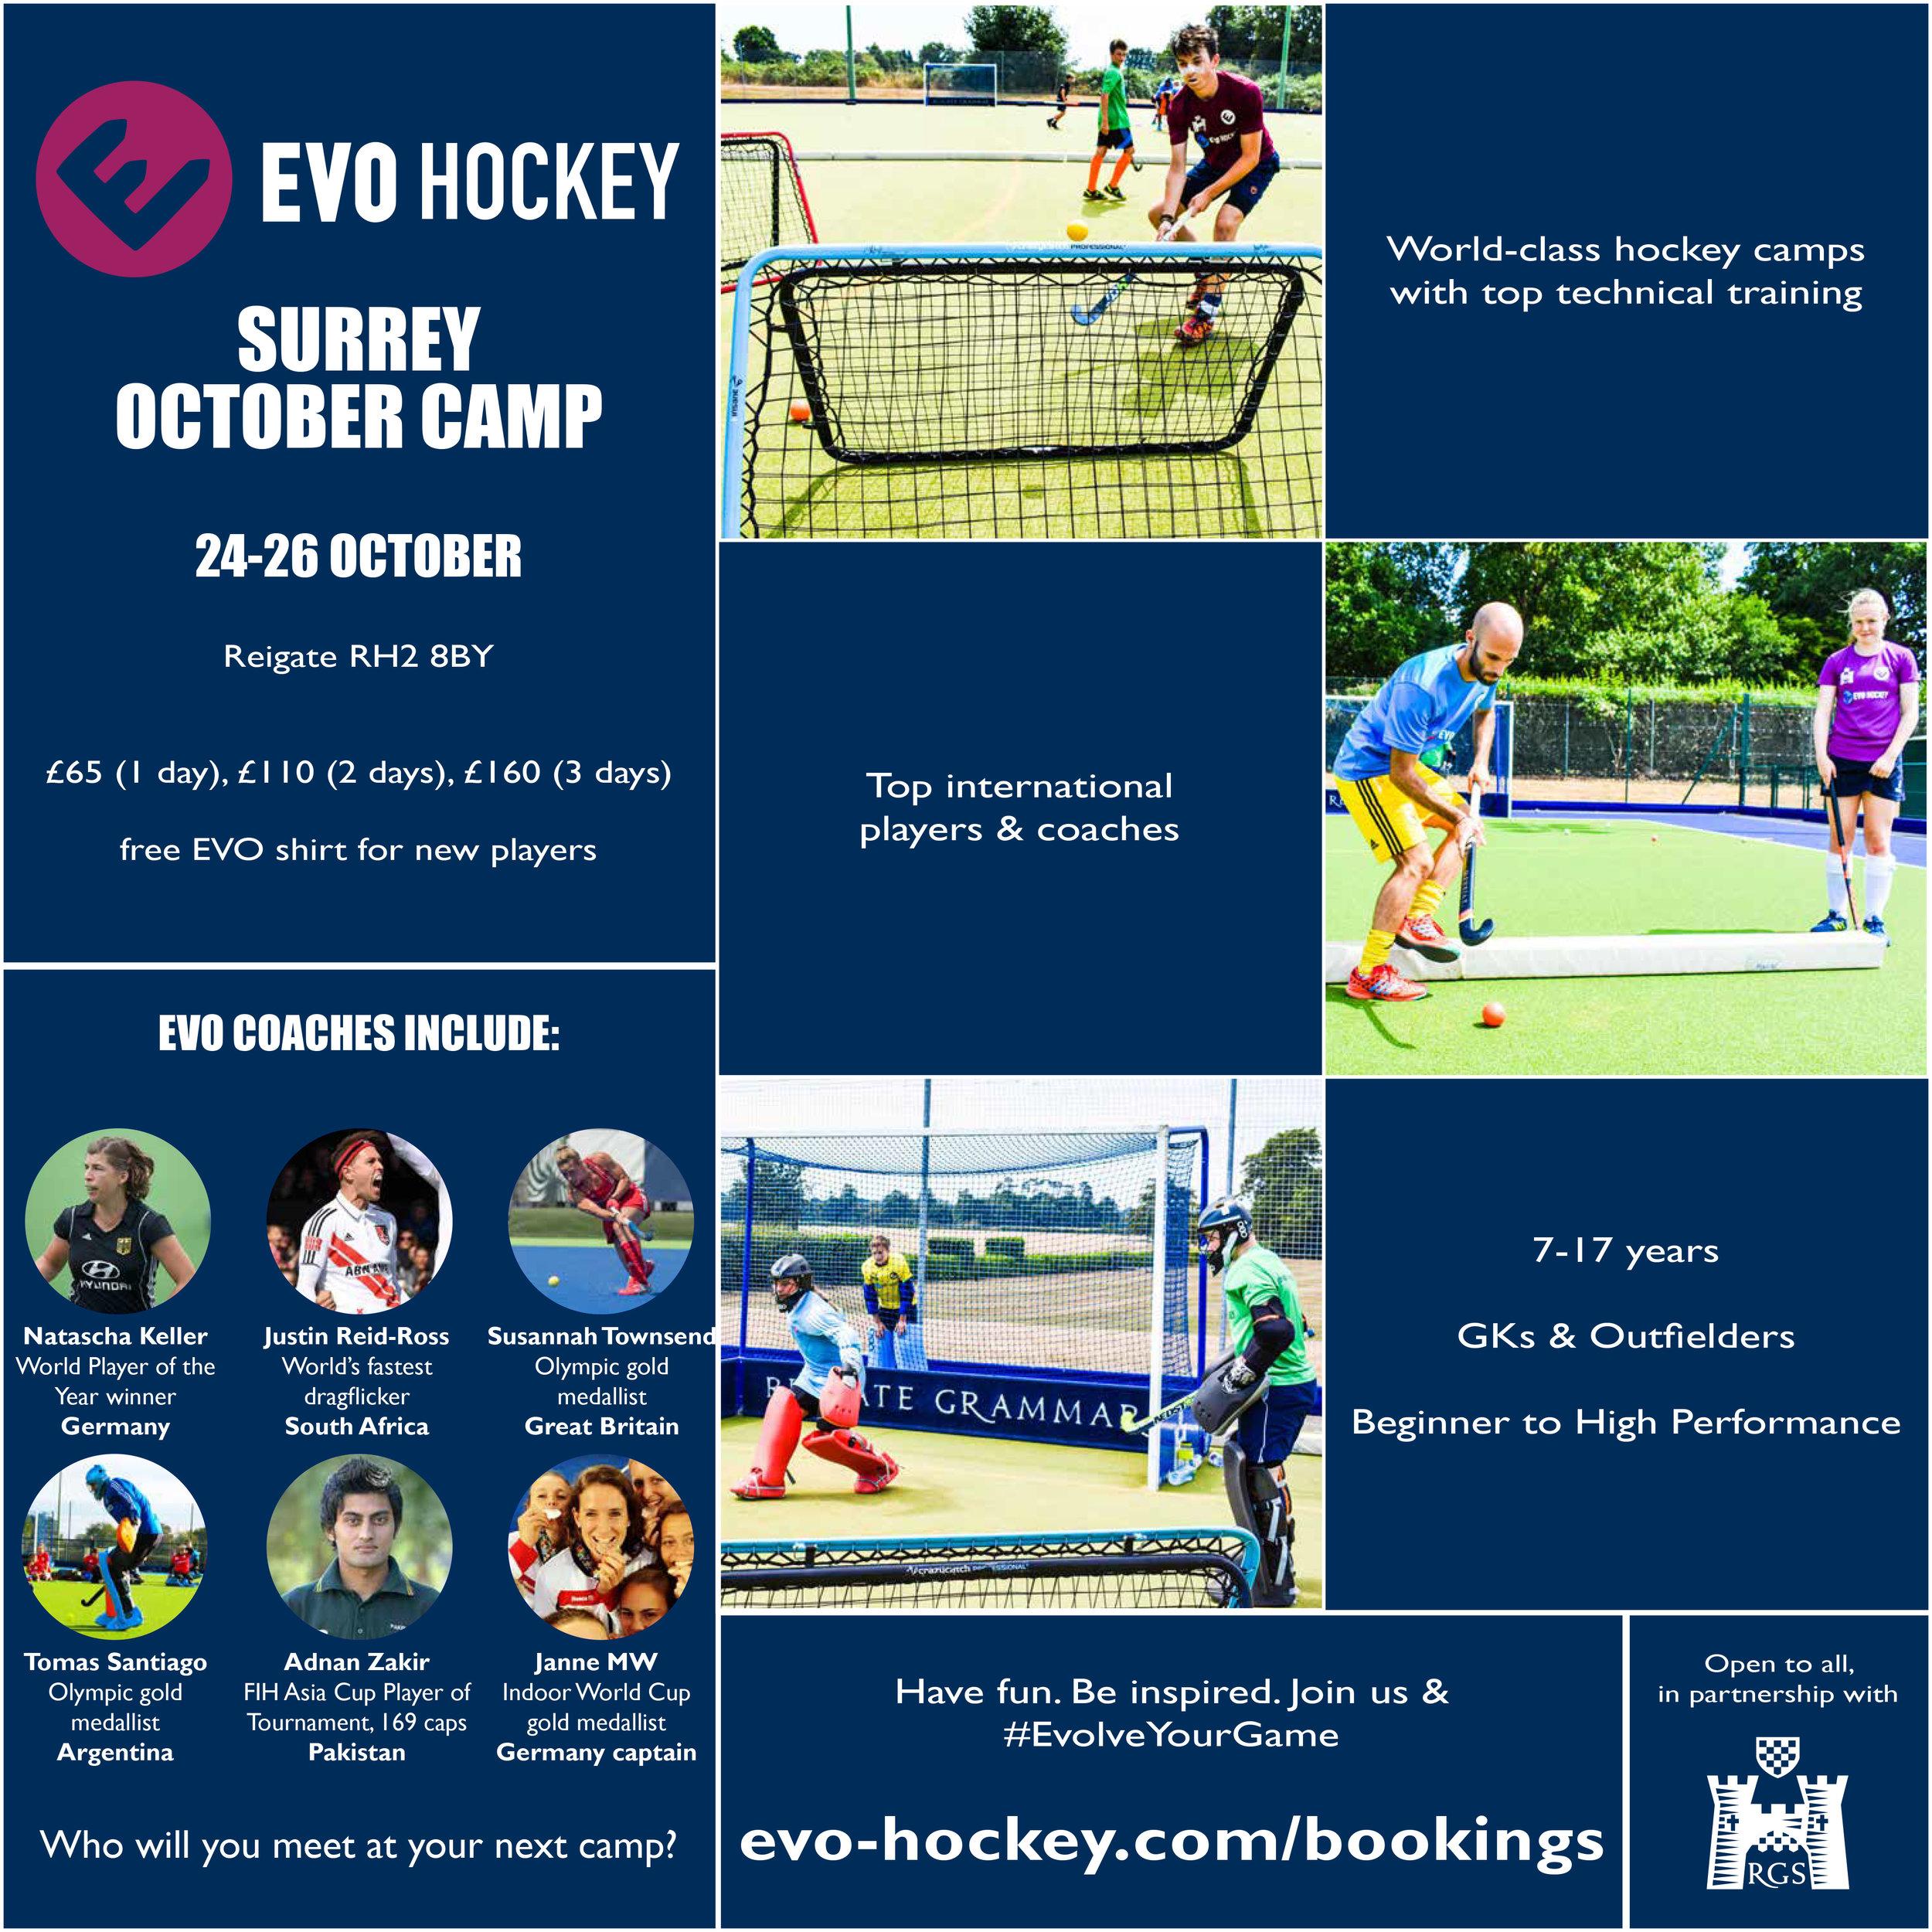 EVO camp flyer reigate 24-26 october 2018.jpg